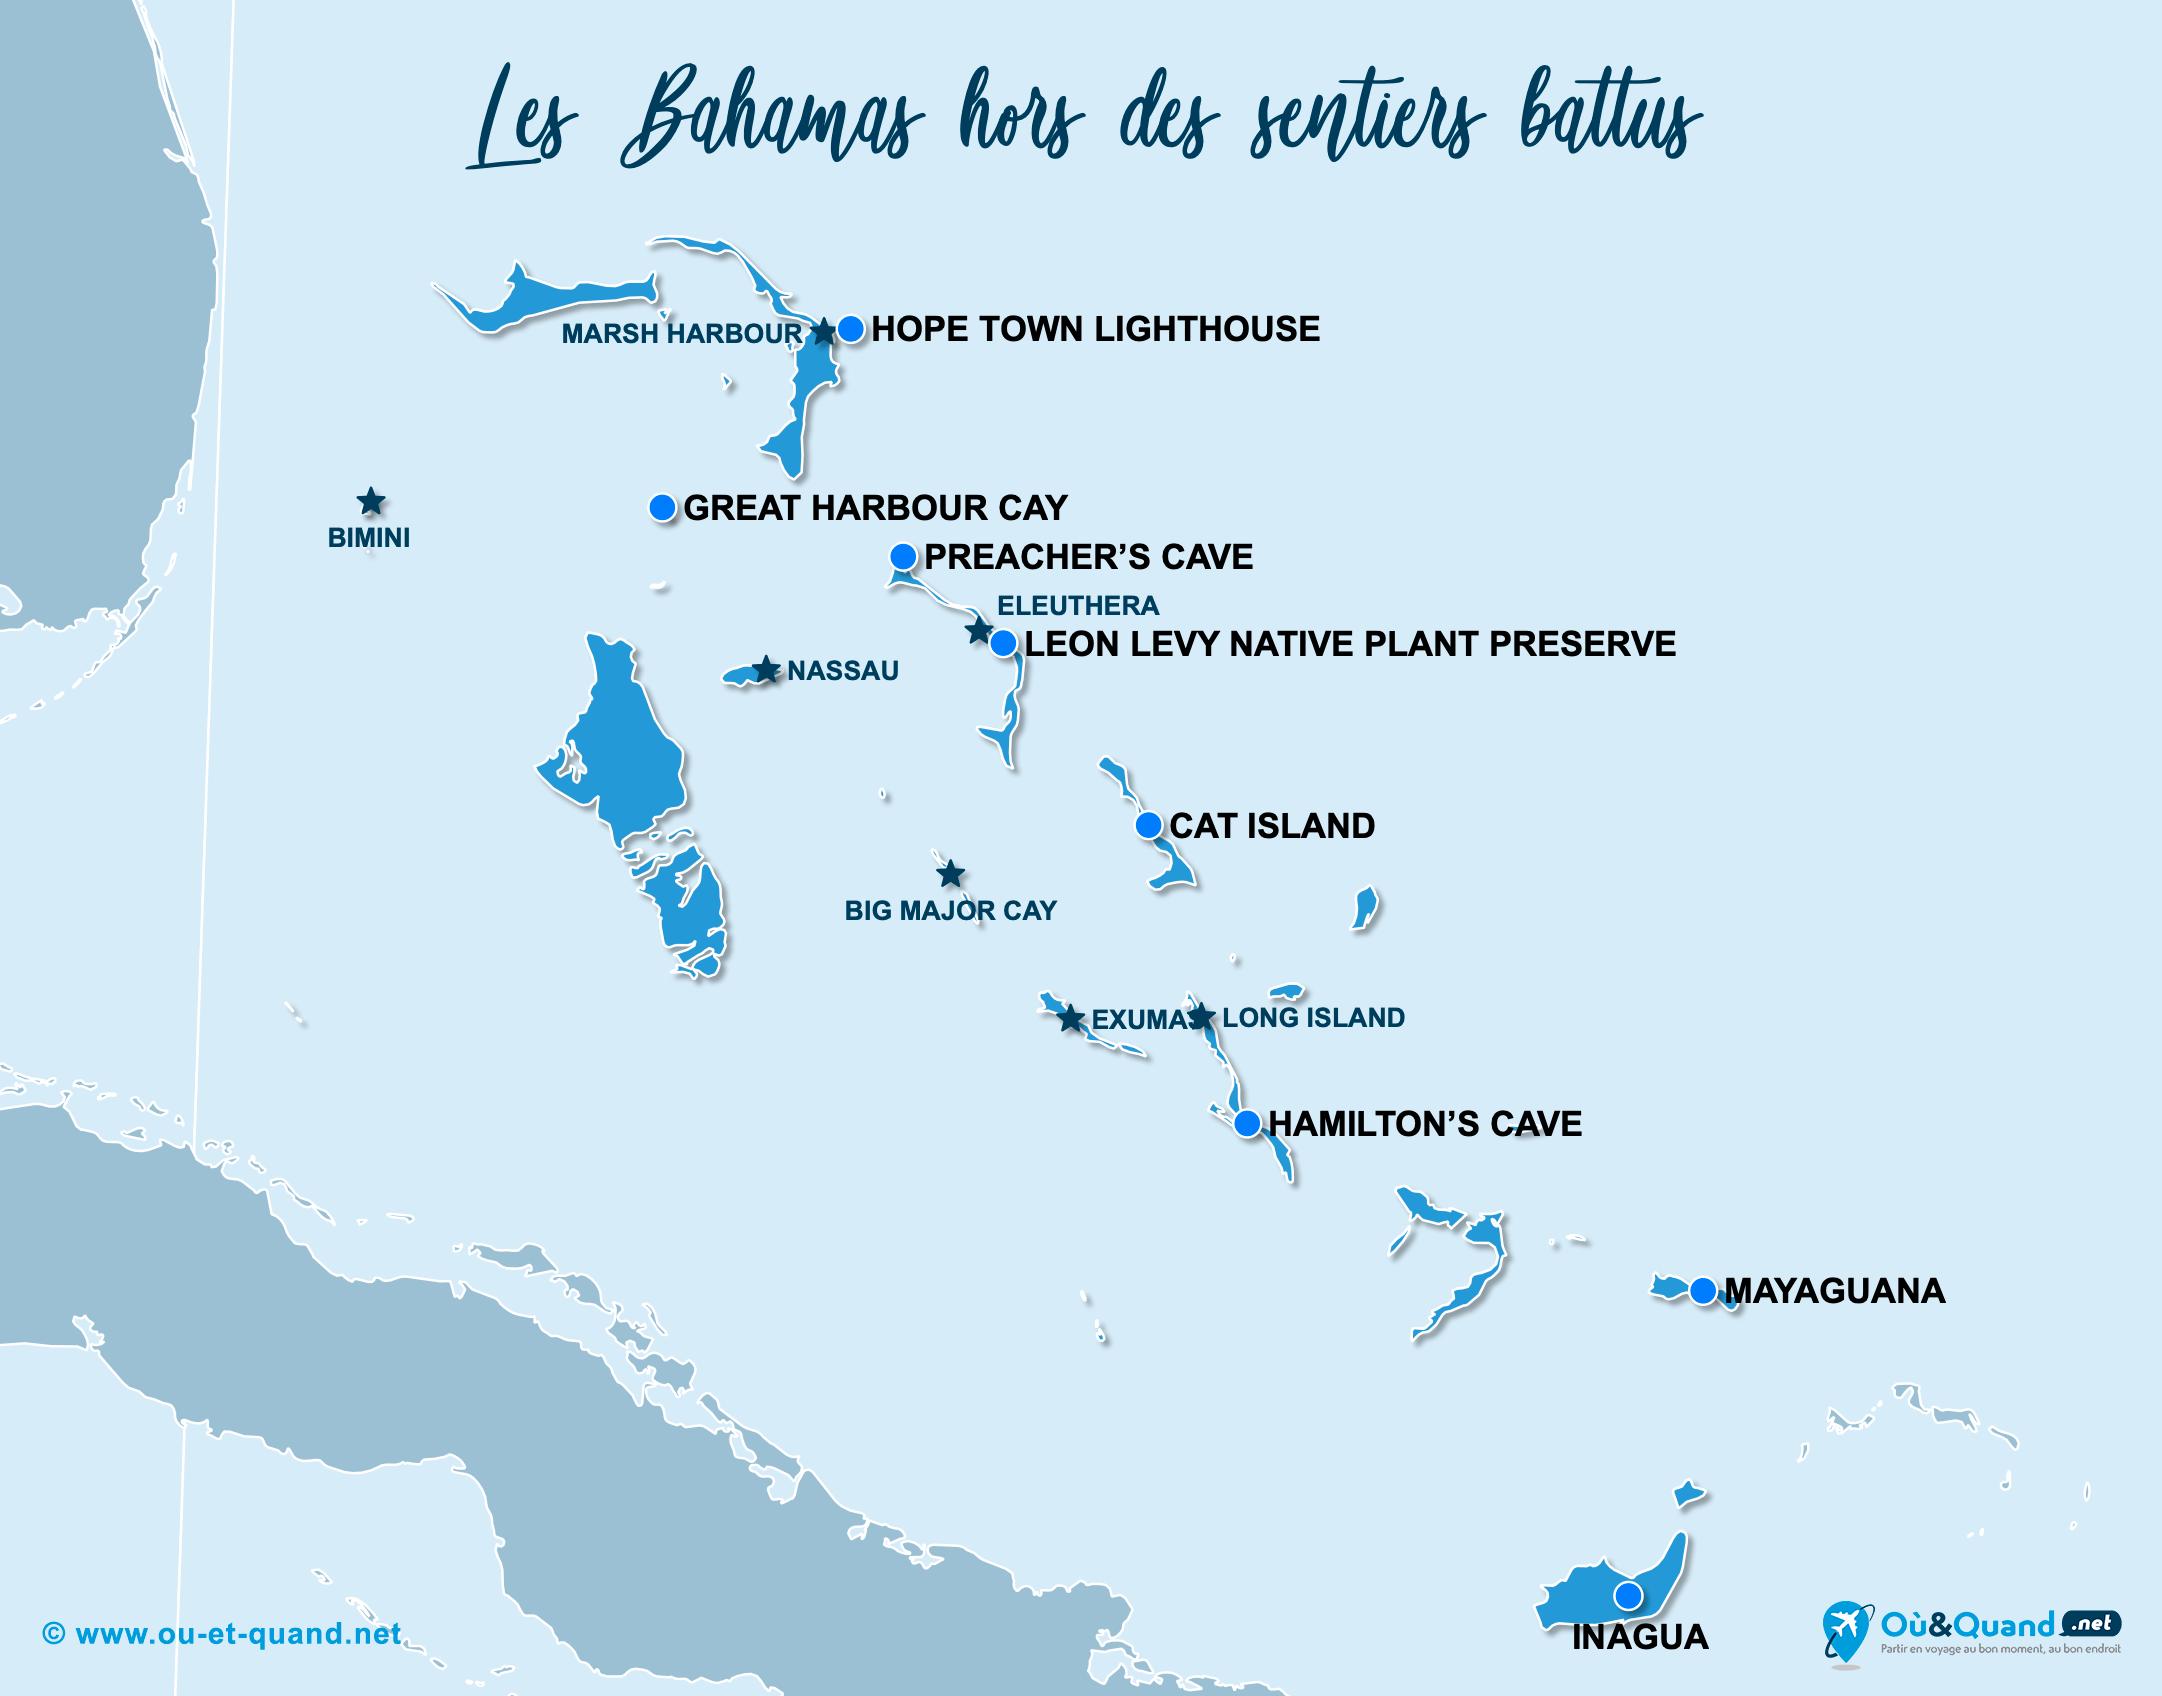 Carte Bahamas : Les Bahamas hors des sentiers battus